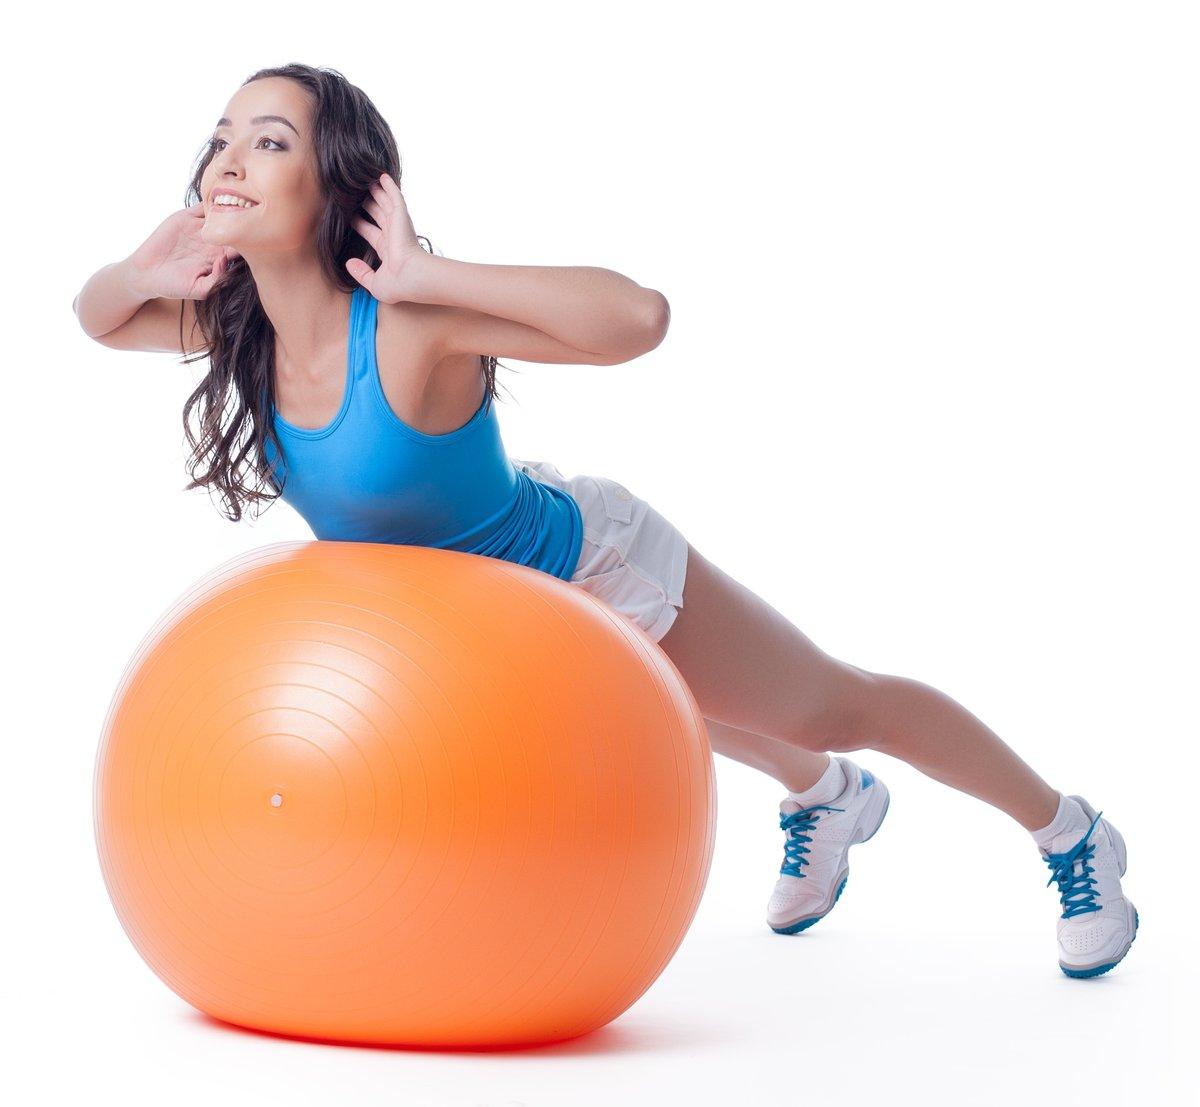 Картинки упражнения на мяче для